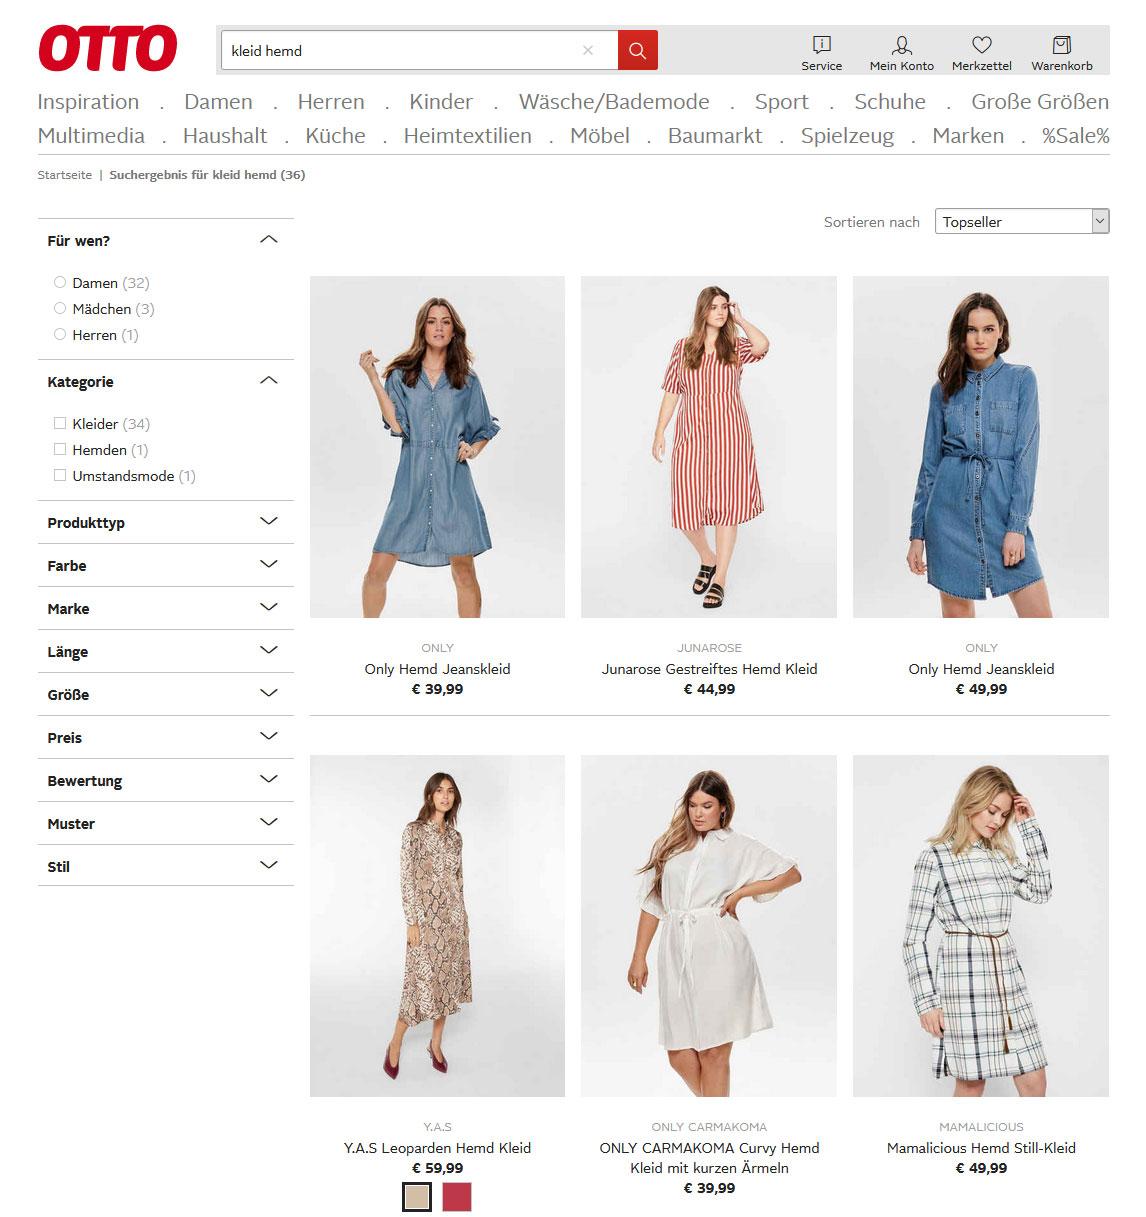 Каталог платьев OTTO